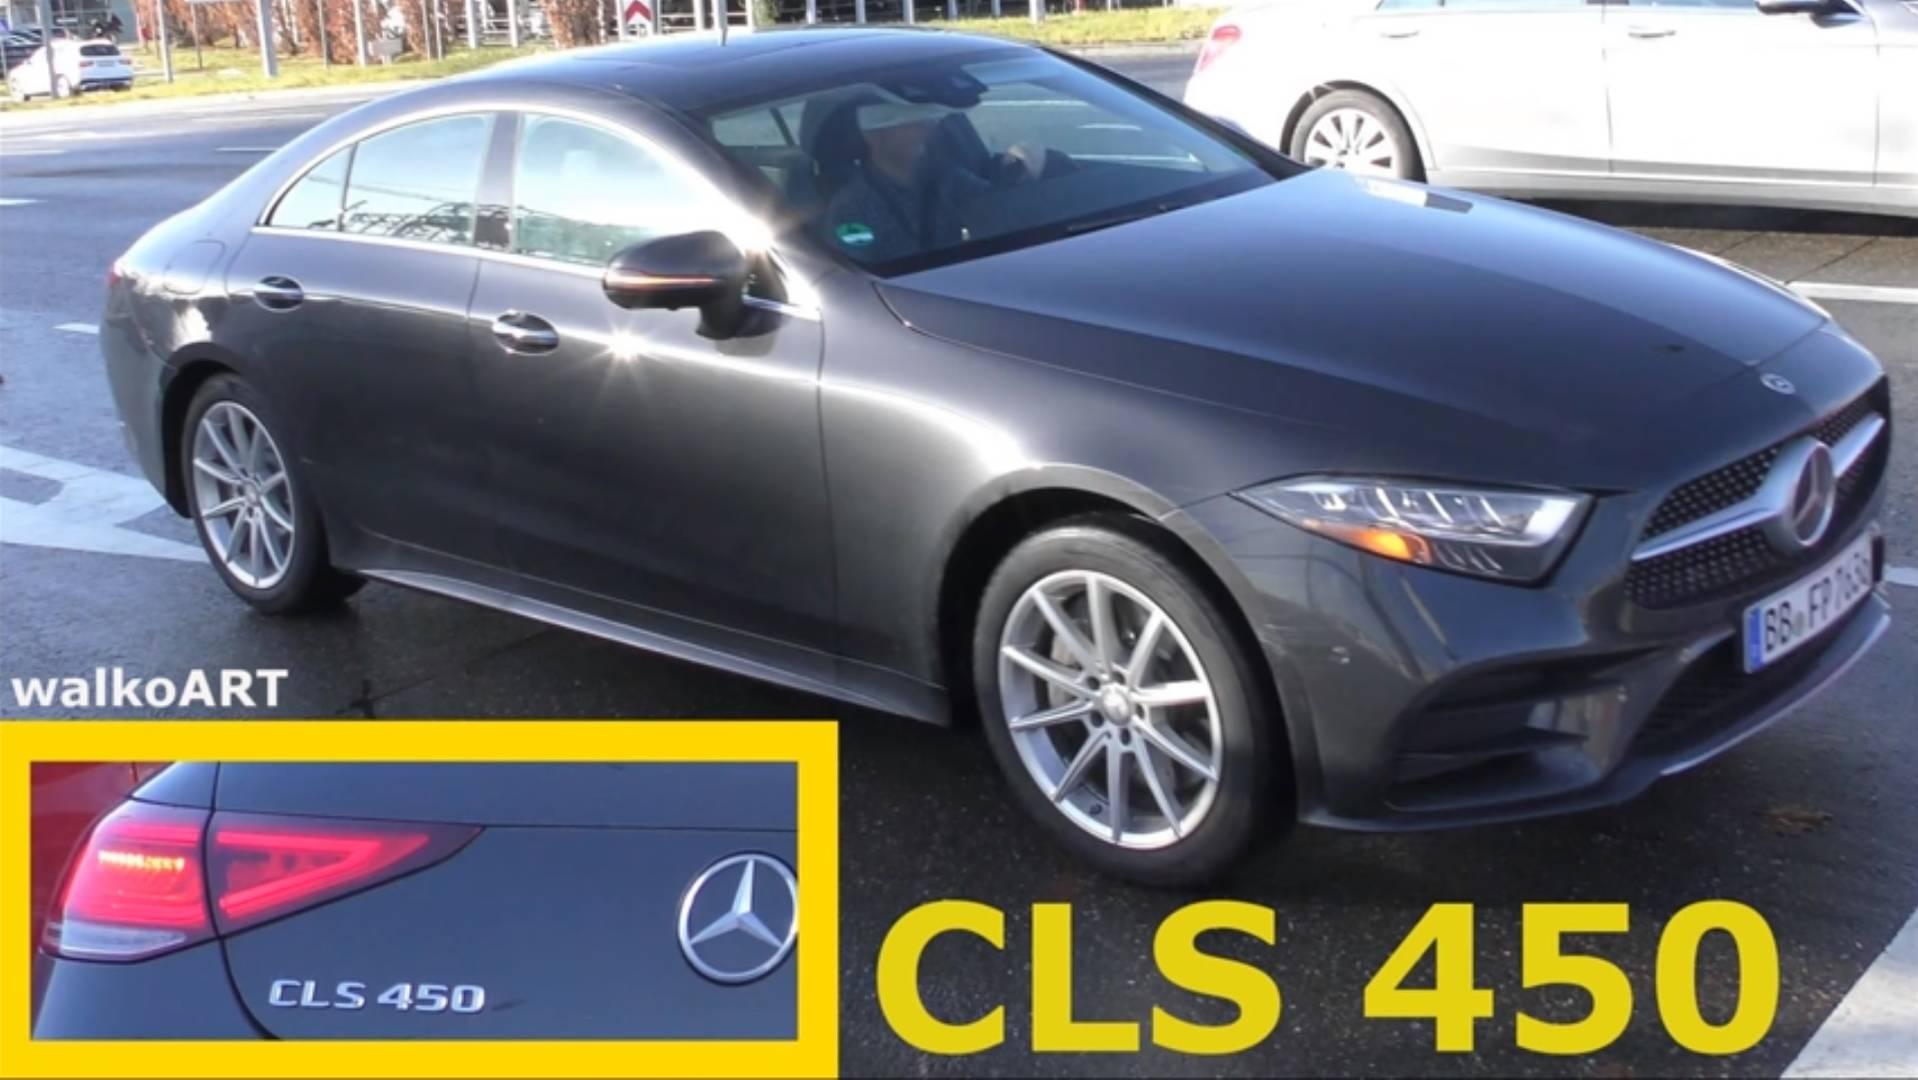 Mercedes-Benz CLS 450 na ulicama Zindelfingena (video)